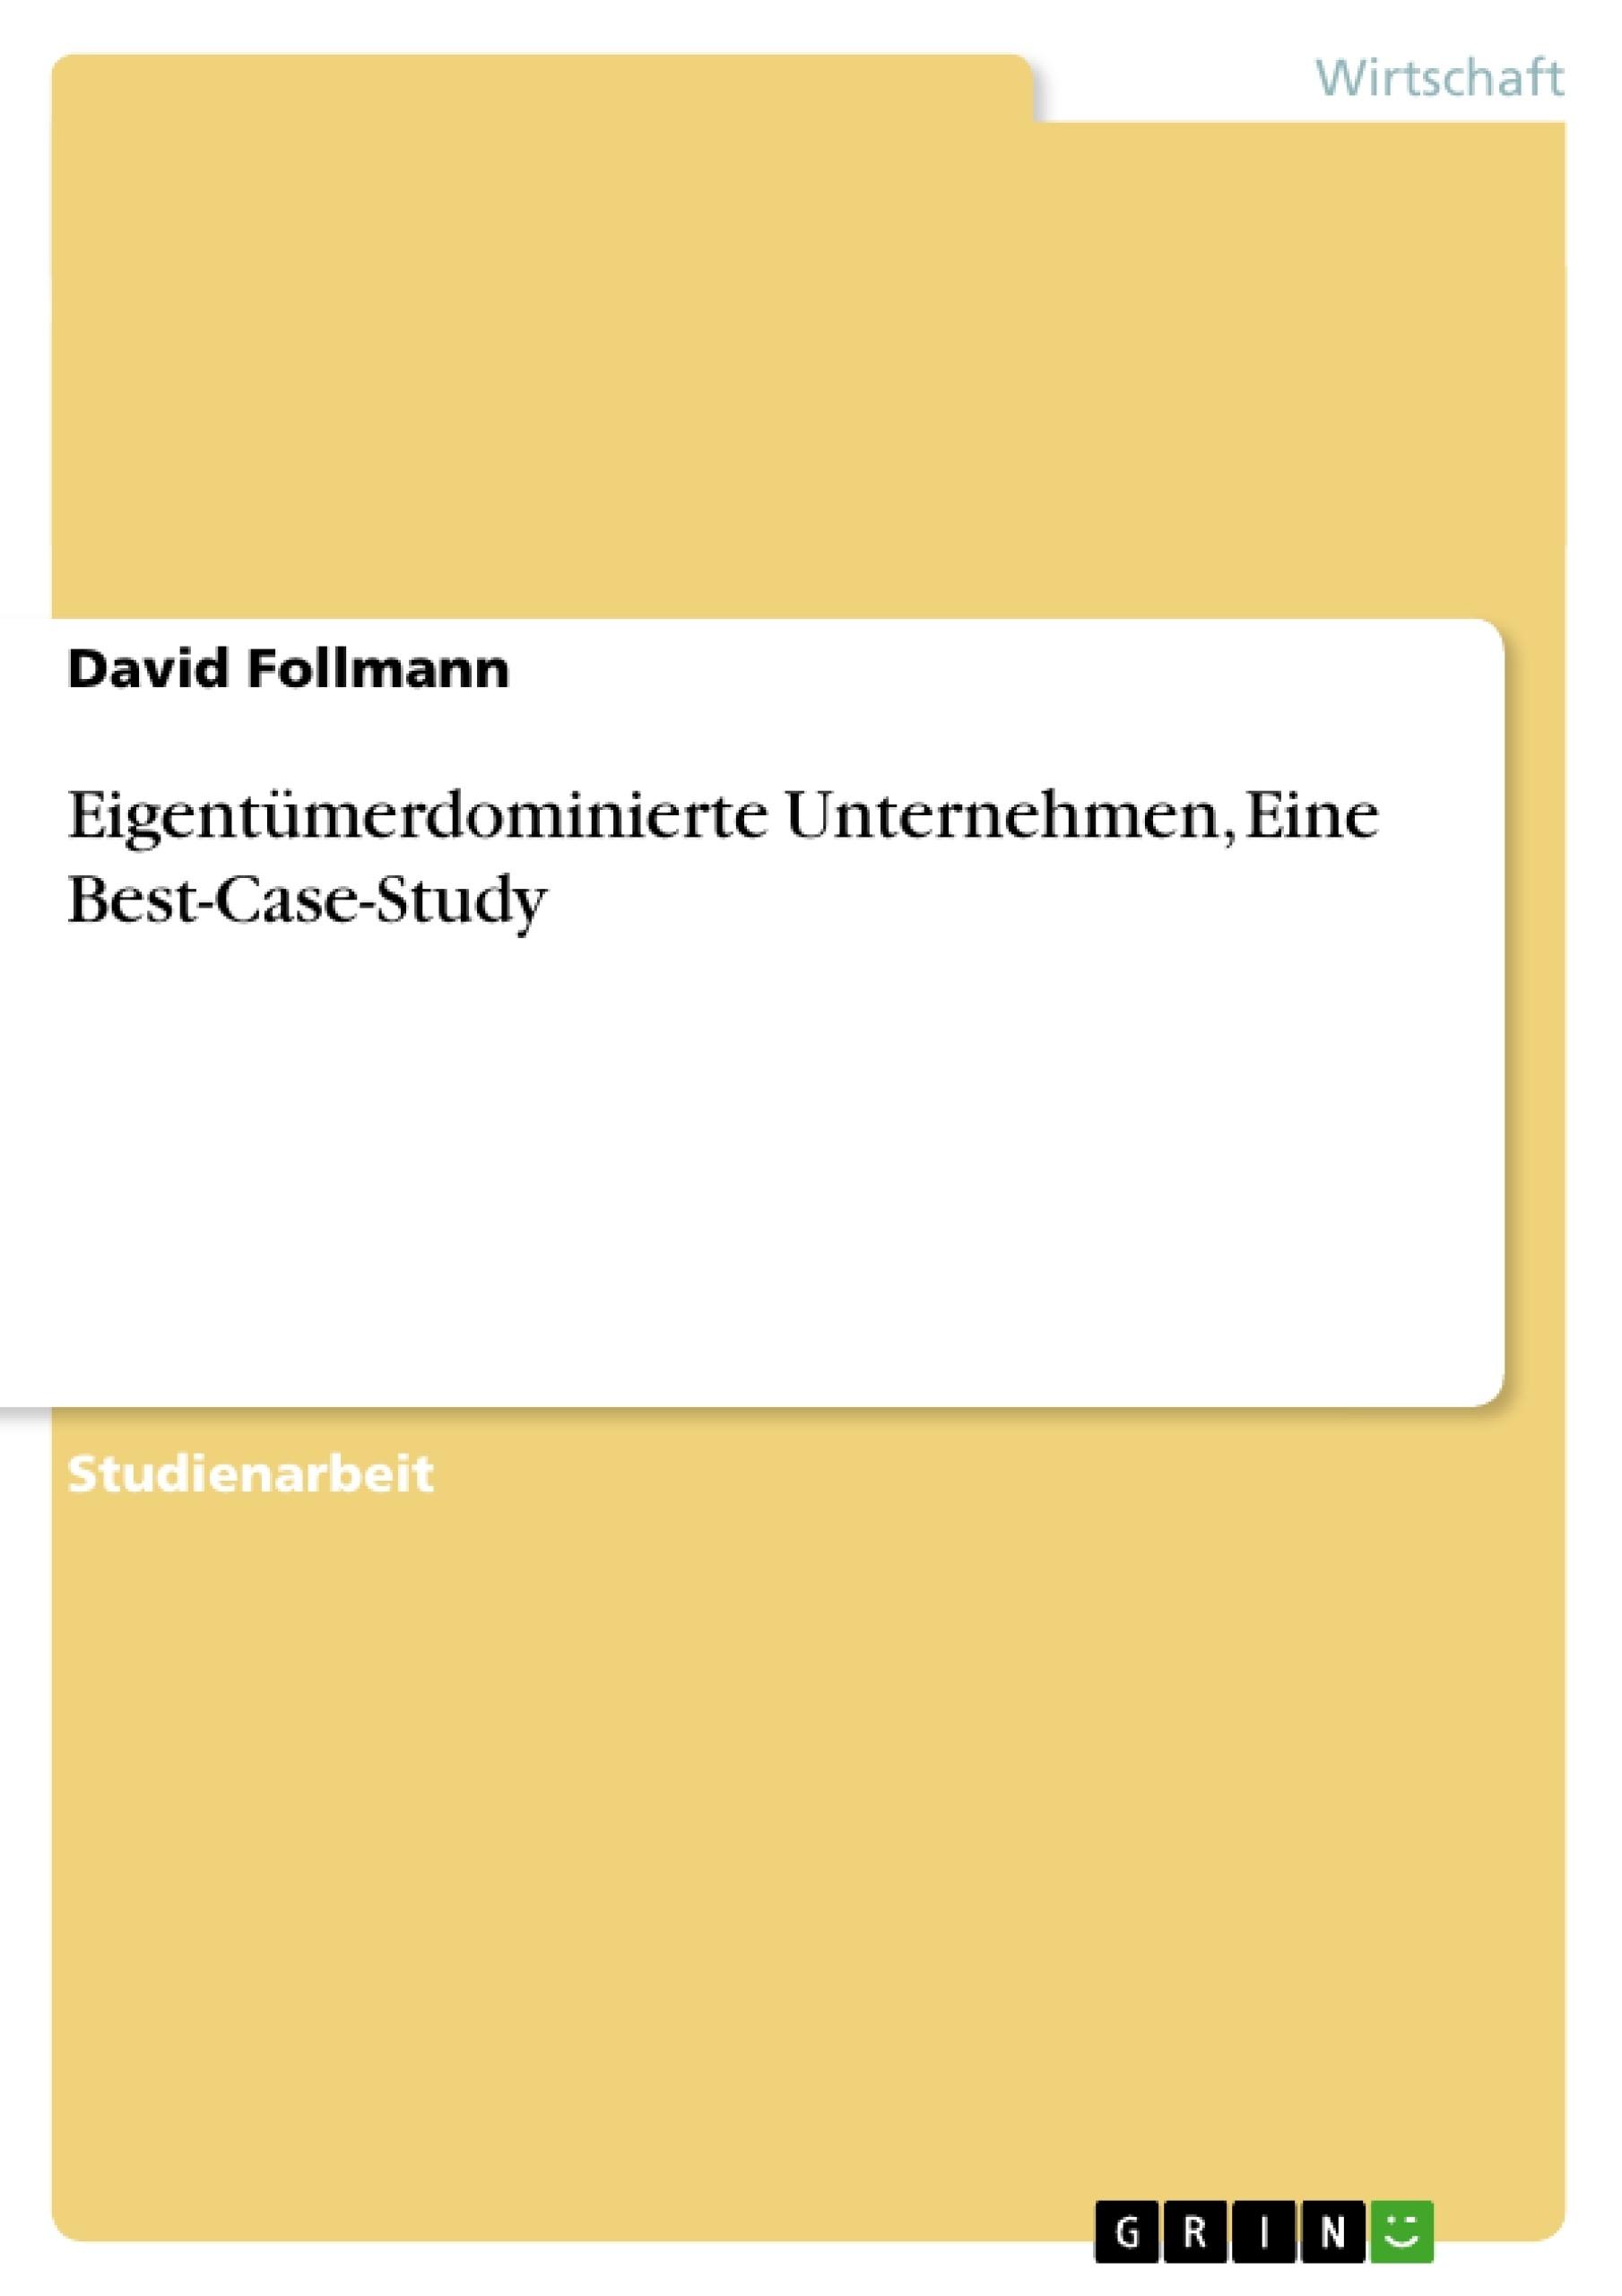 Titel: Eigentümerdominierte Unternehmen, Eine Best-Case-Study